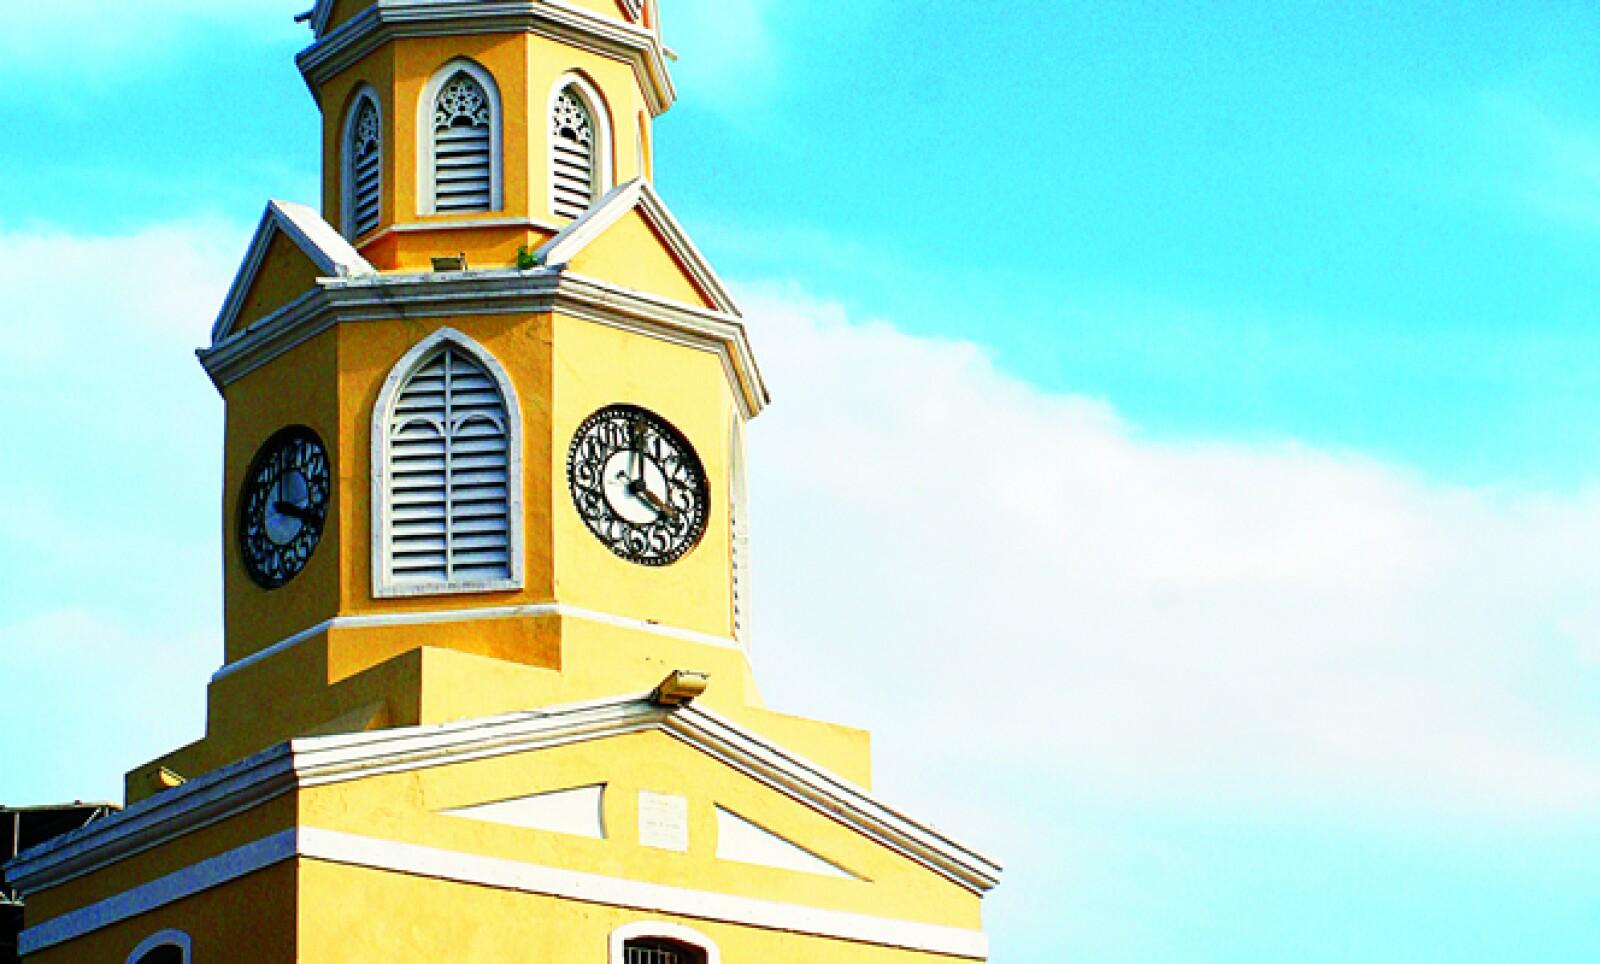 La torre del reloj se apoya sobre la puerta principal de la antigua ciudad amurallada, que en su época colonial fue testigo de intentos de invasiones extranjeras.